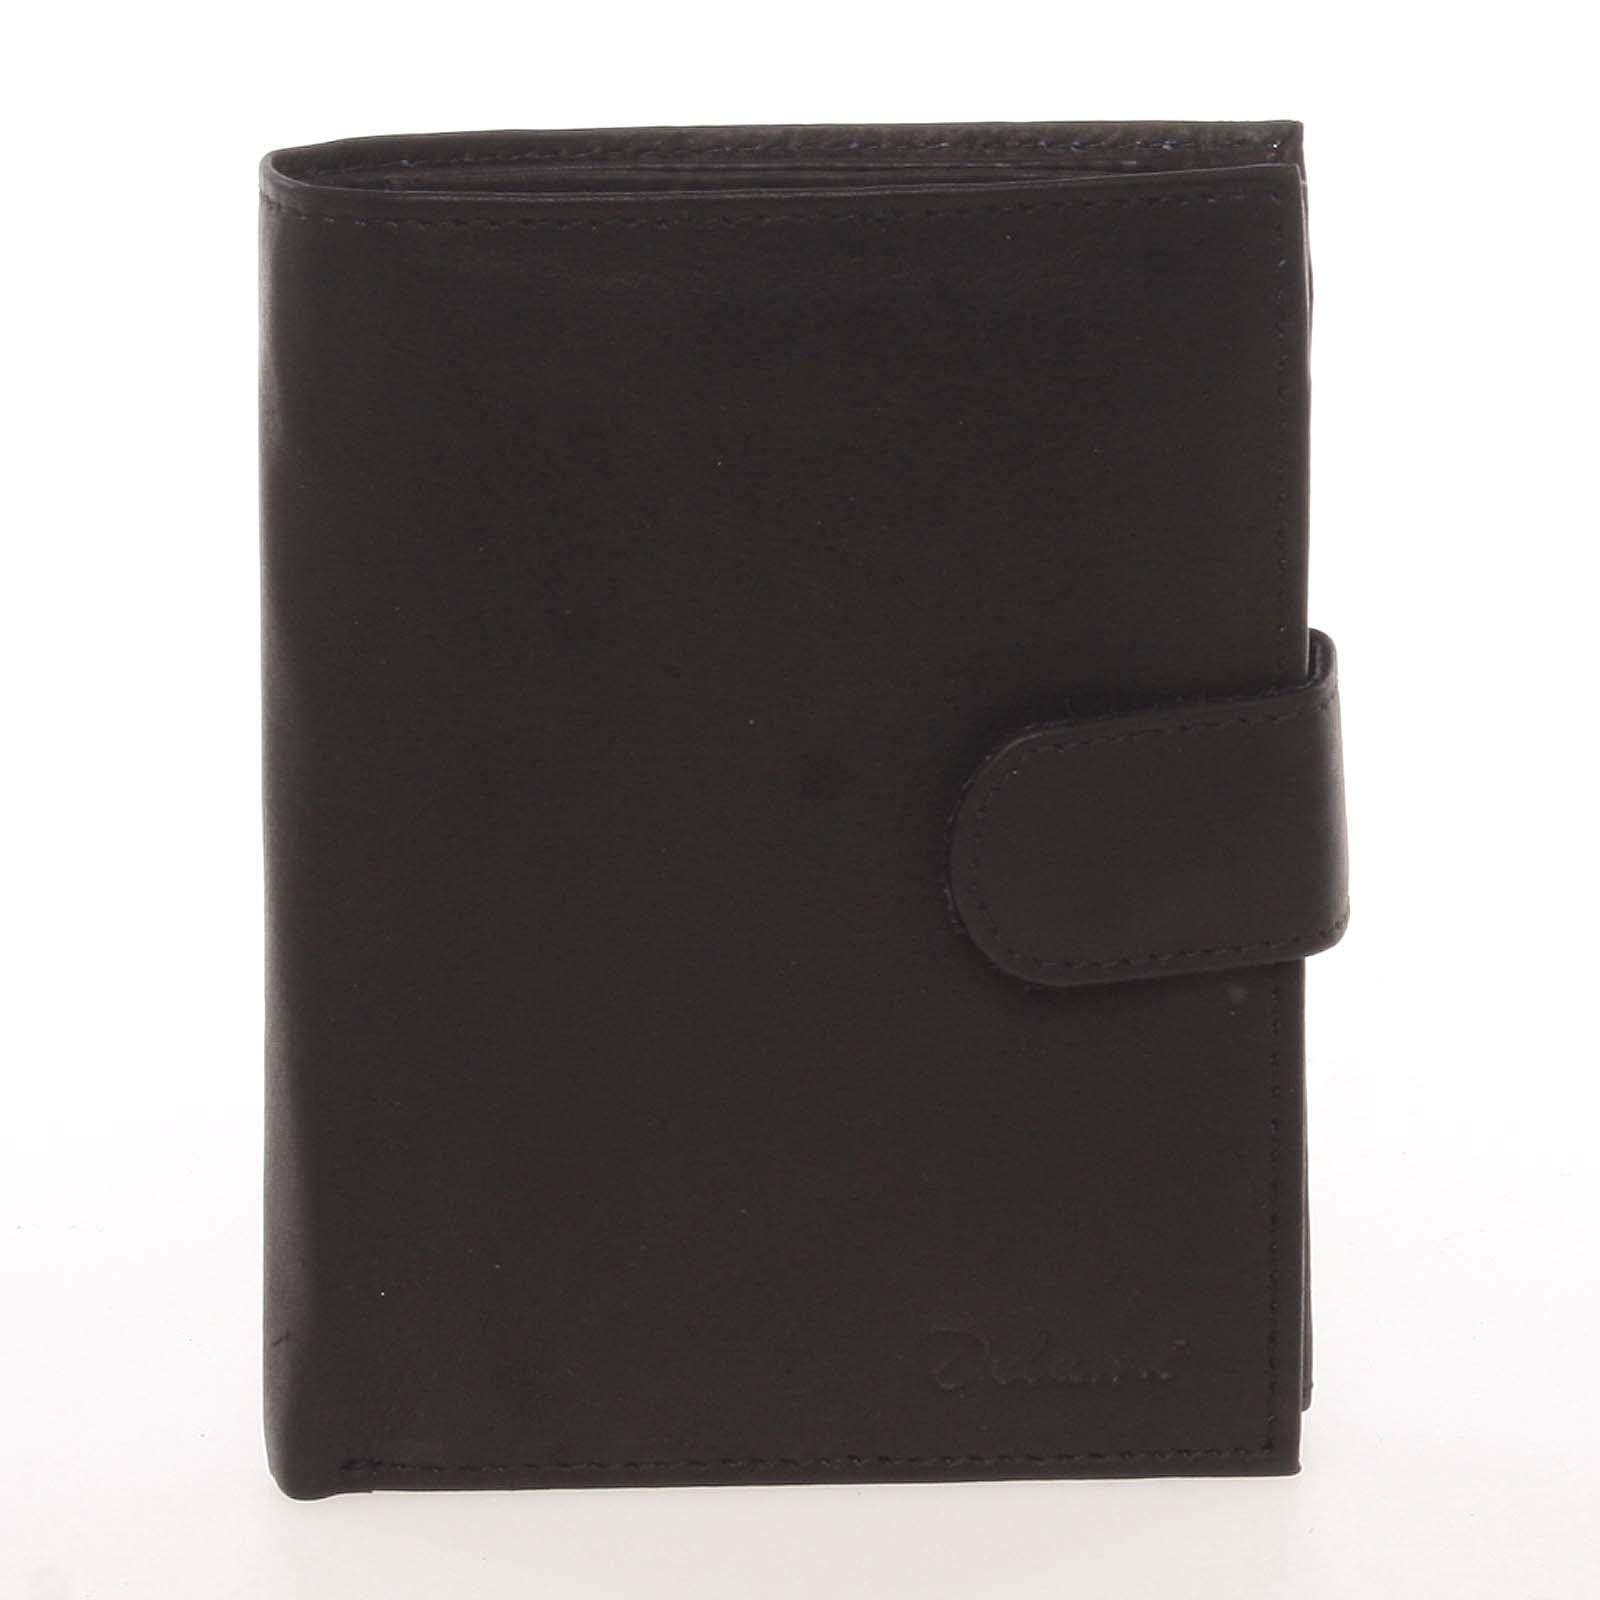 Módna pánska kožená čierna peňaženka - Delami Chappel čierna